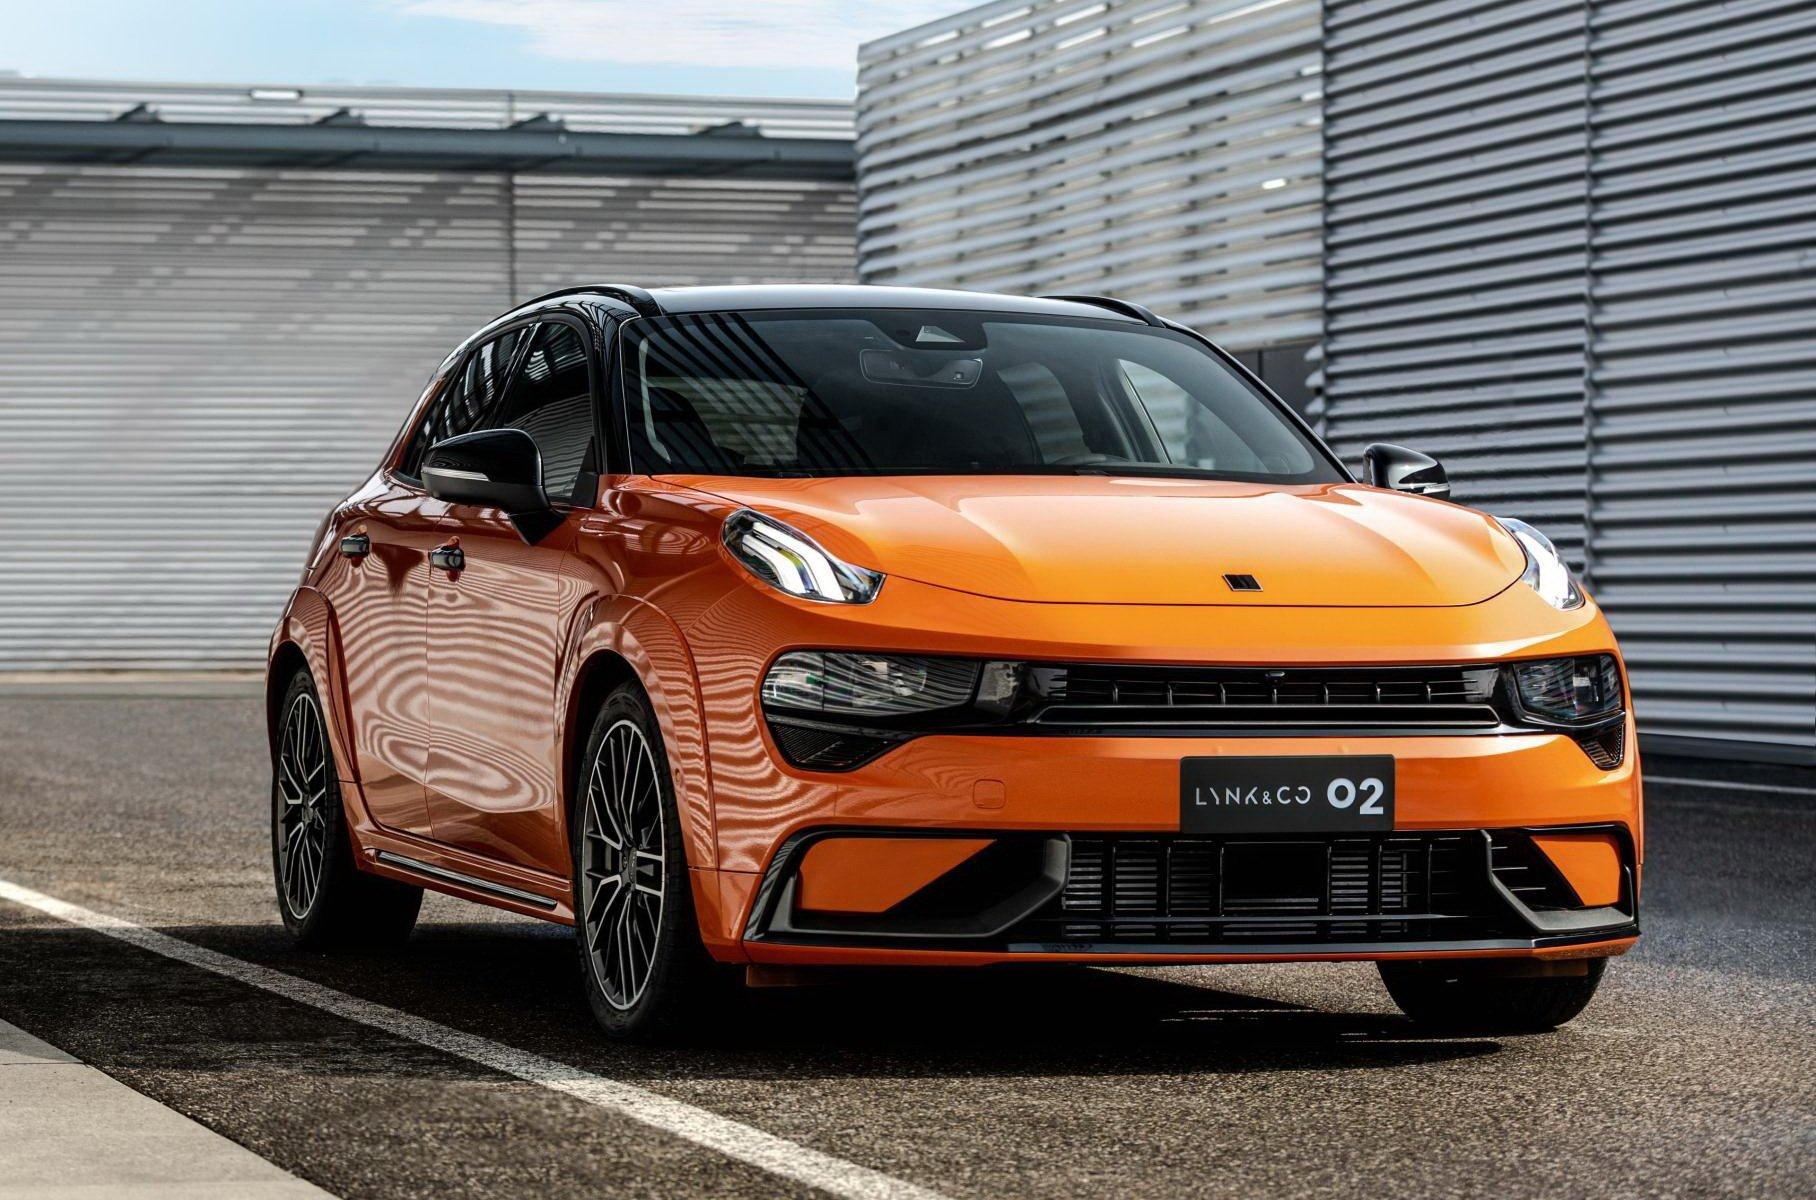 Китайцы представили хэтчбек, похожий на Porsche и с мотором от Volvo